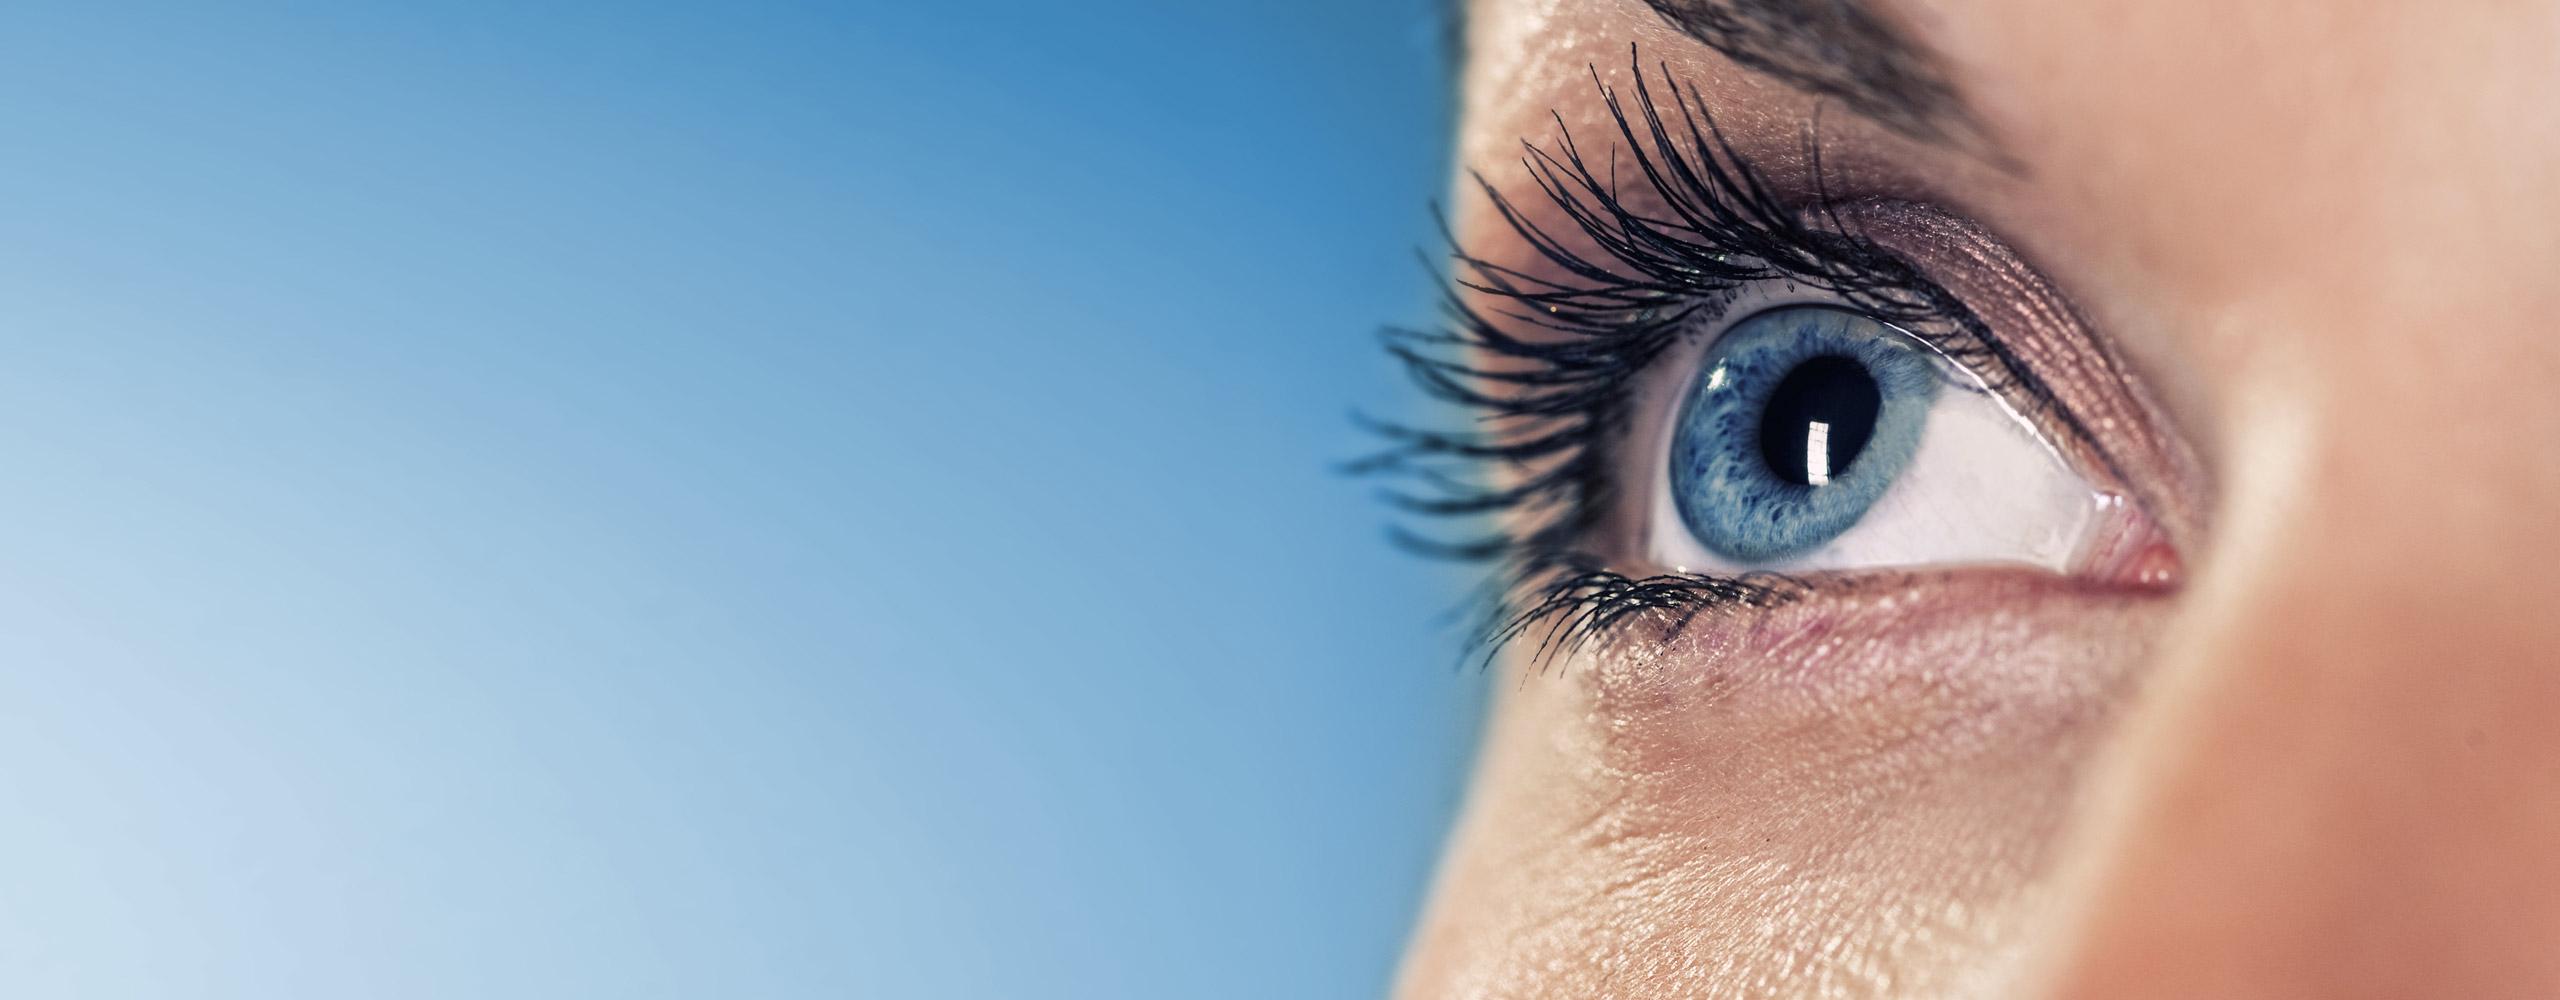 Traitement de la myopie 100% Laser